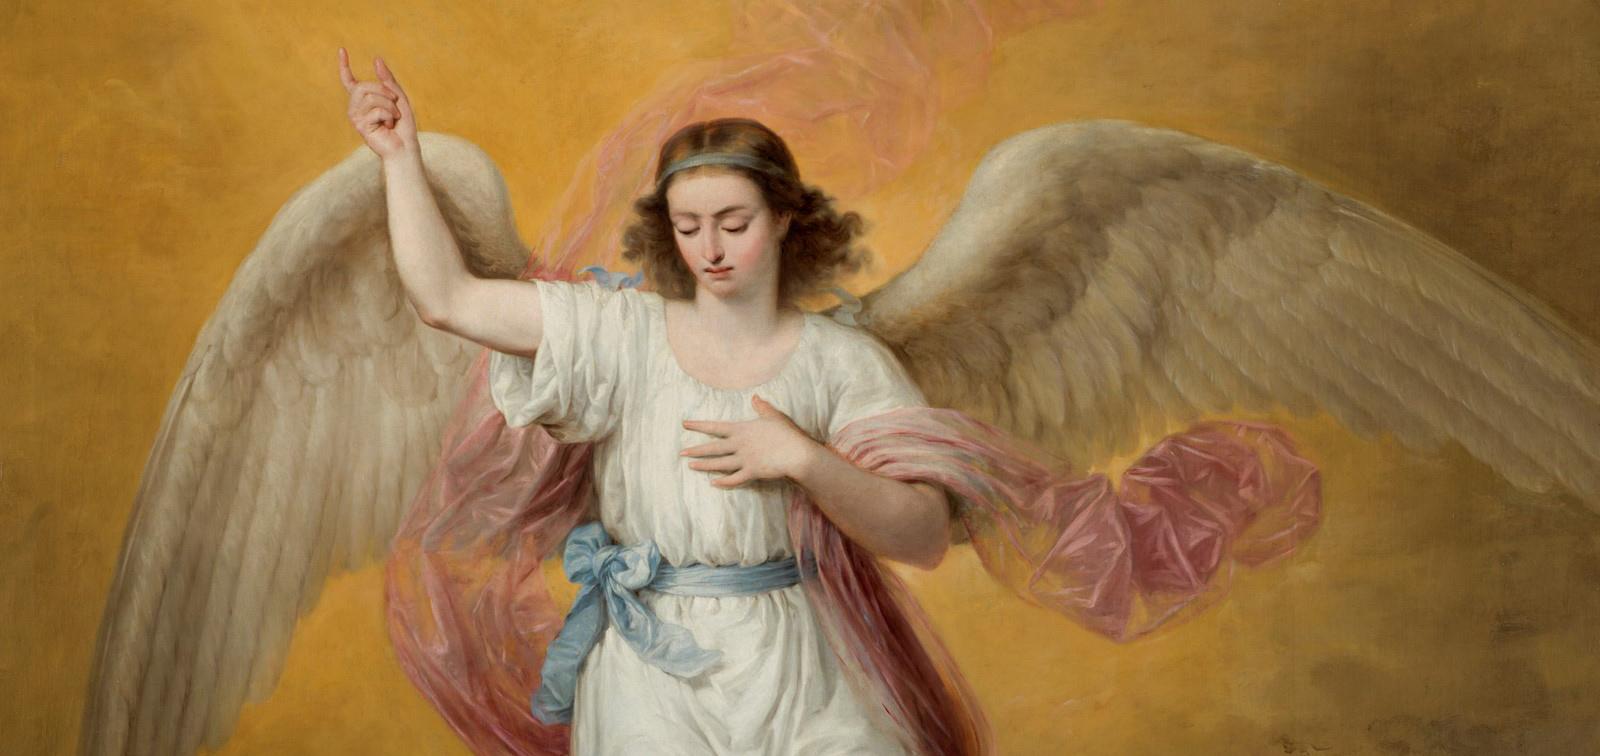 Exposición. Antonio María Esquivel (1806-1857), his religious paintings